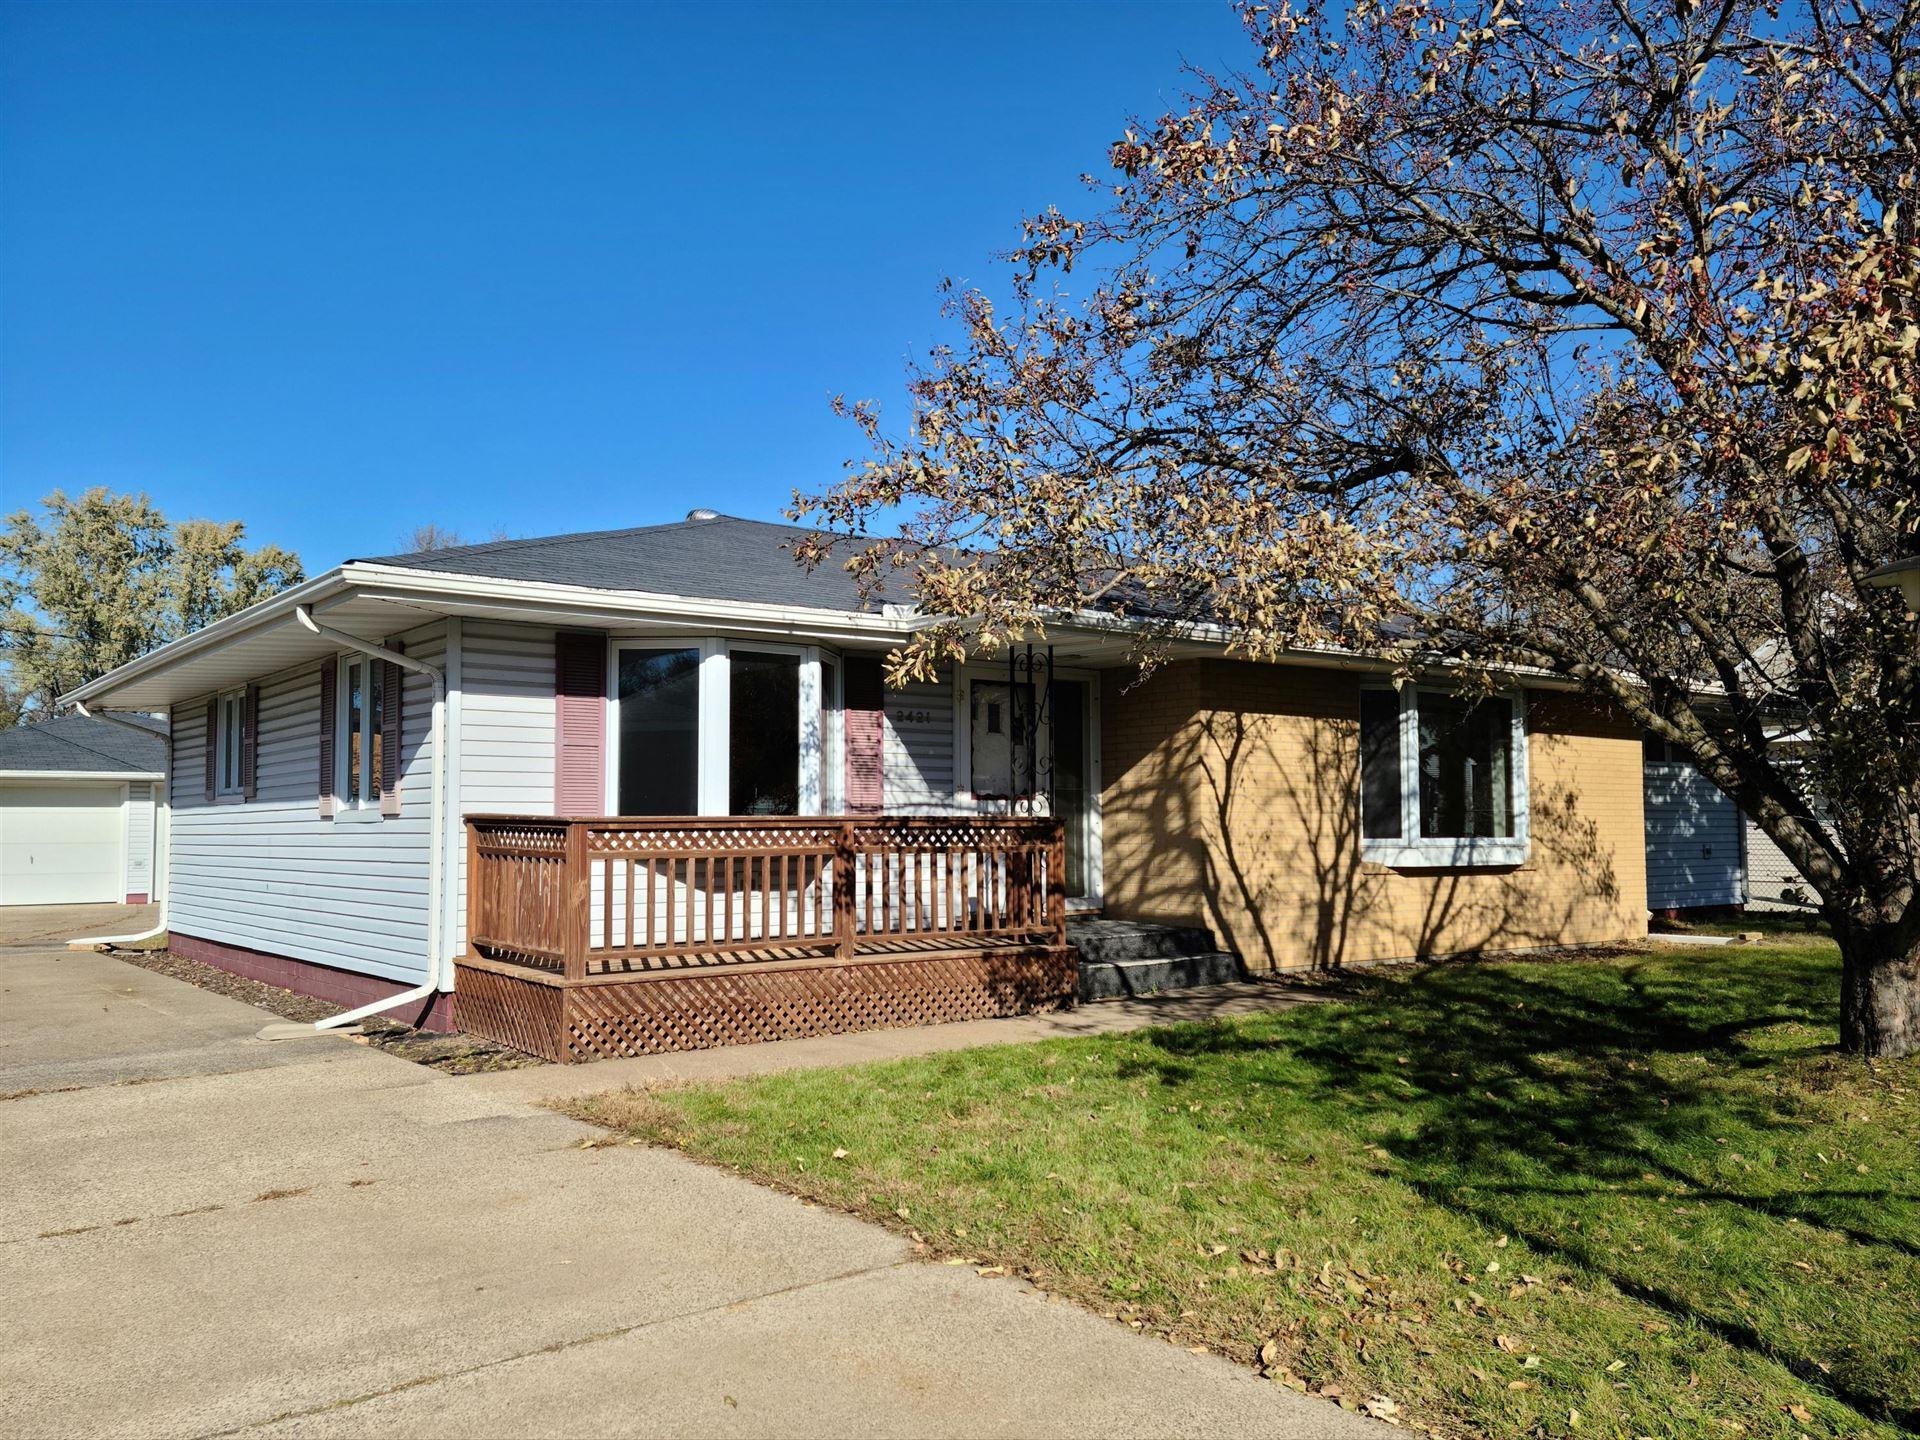 2421 Hewitt St, La Crosse, WI 54601 - MLS#: 1718256